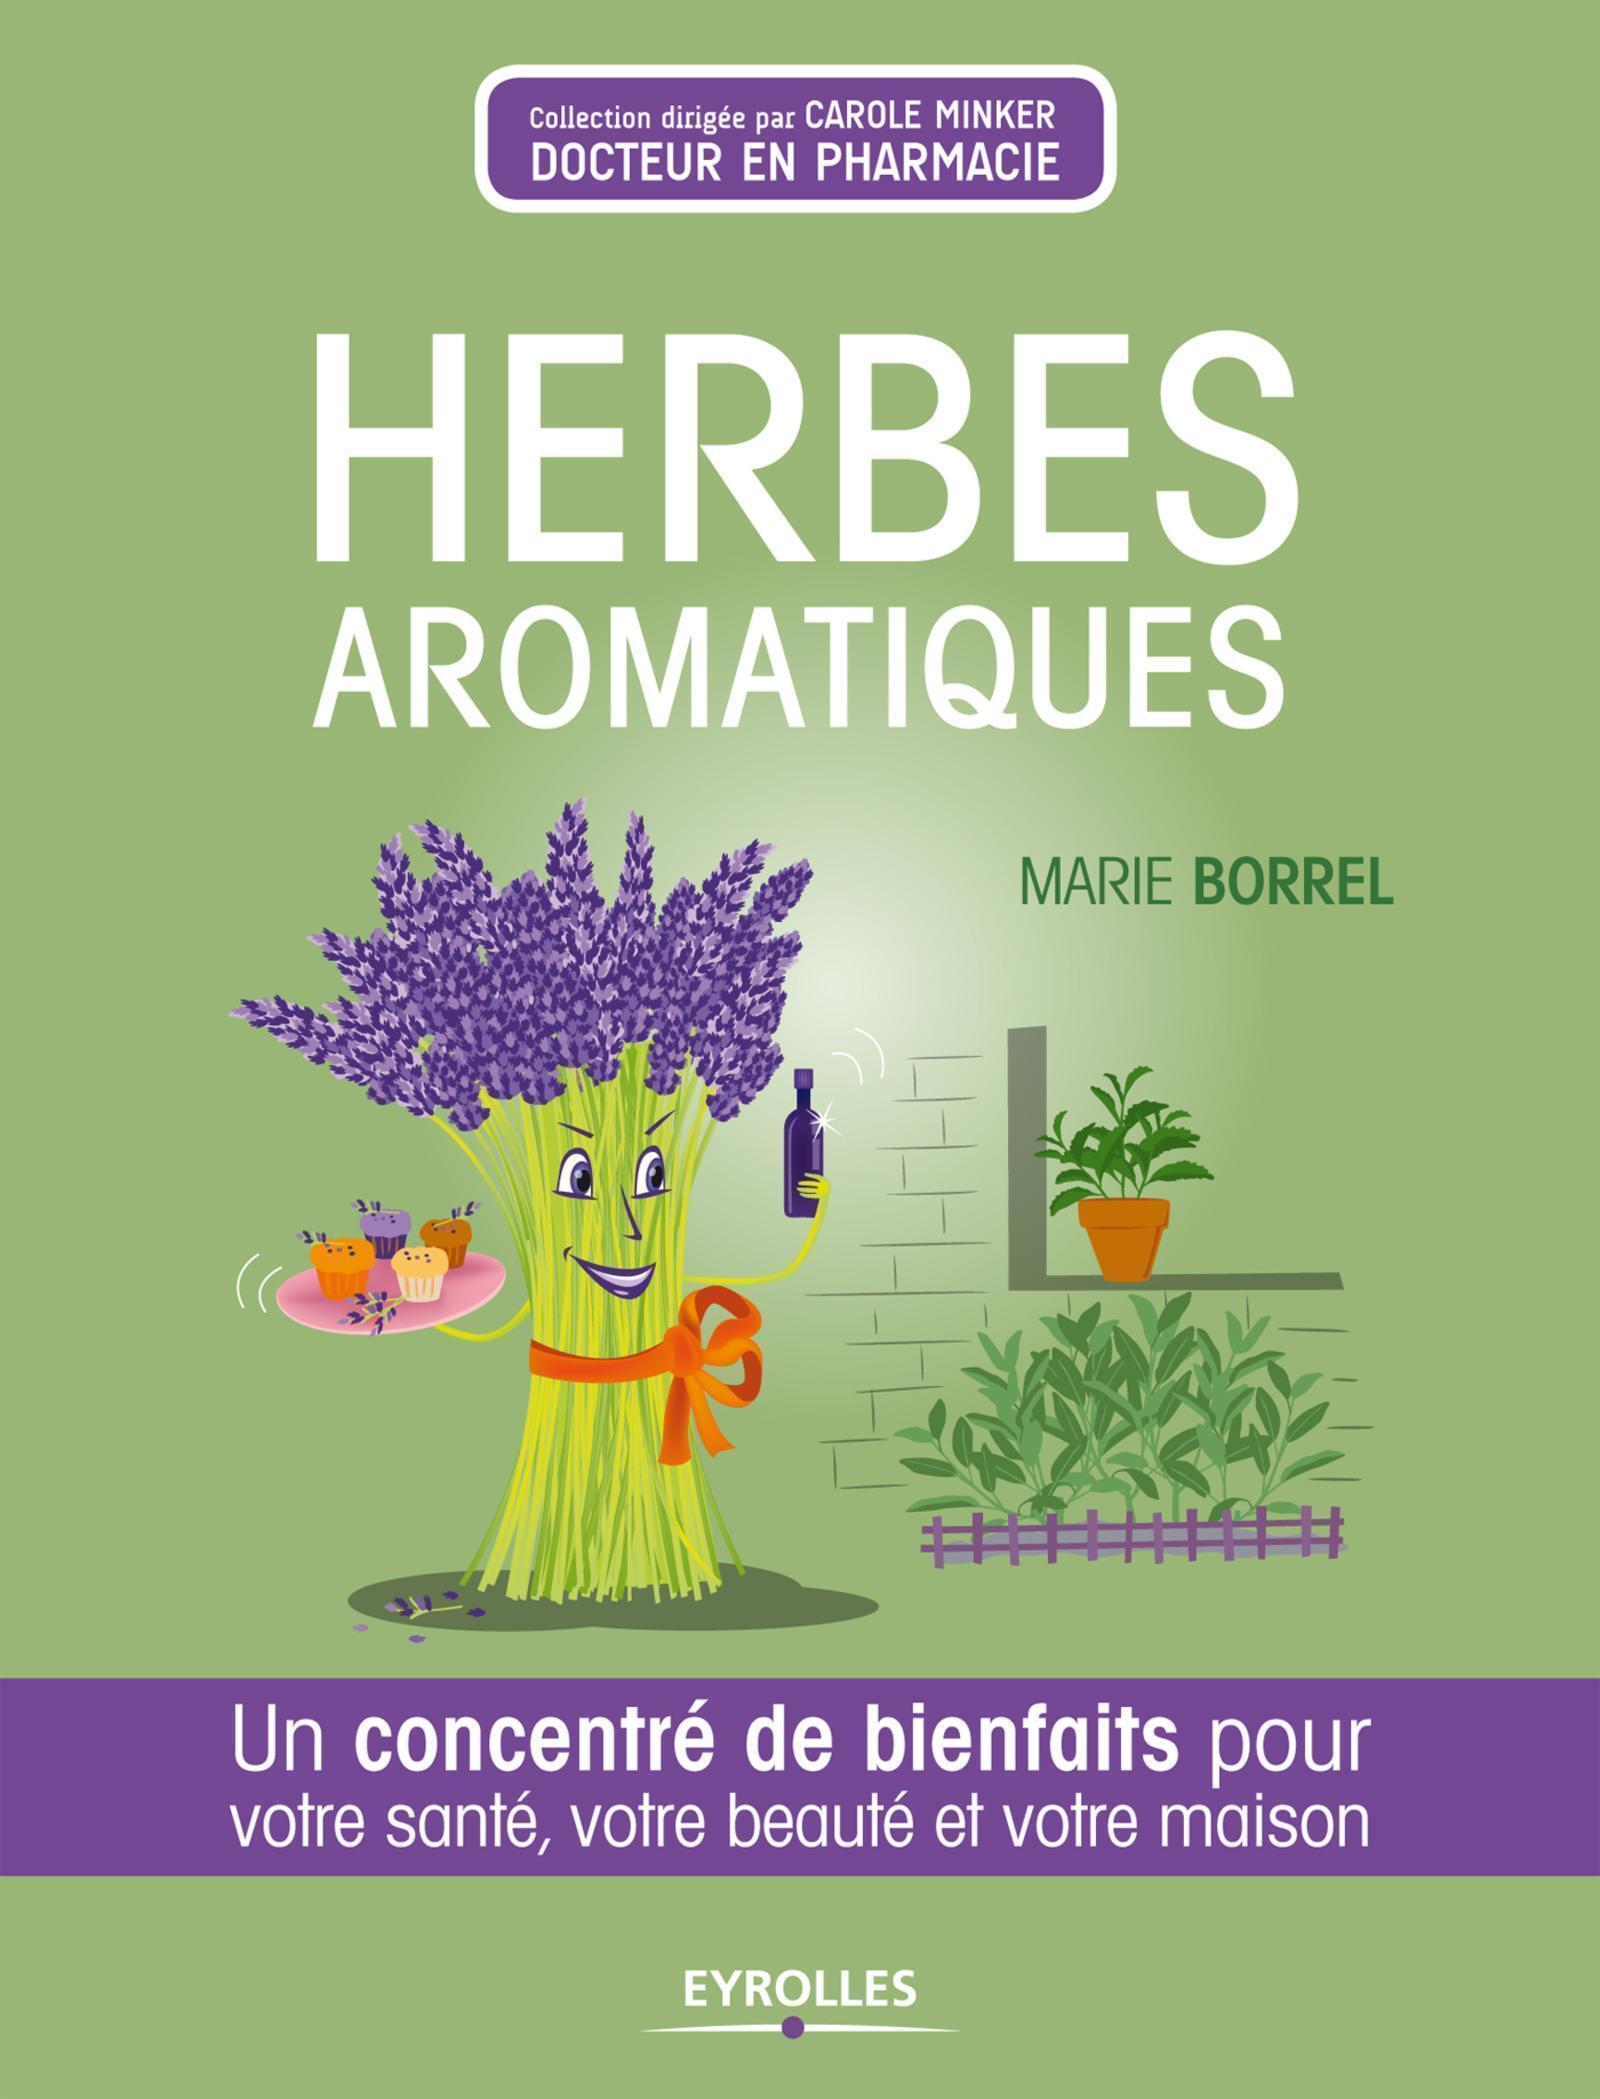 HERBES AROMATIQUES UN CONCENTRE DE BIENFAITS POUR VOTRE SANTE, VOTRE BEAUTE, VOTRE MAISON - UN CONCE